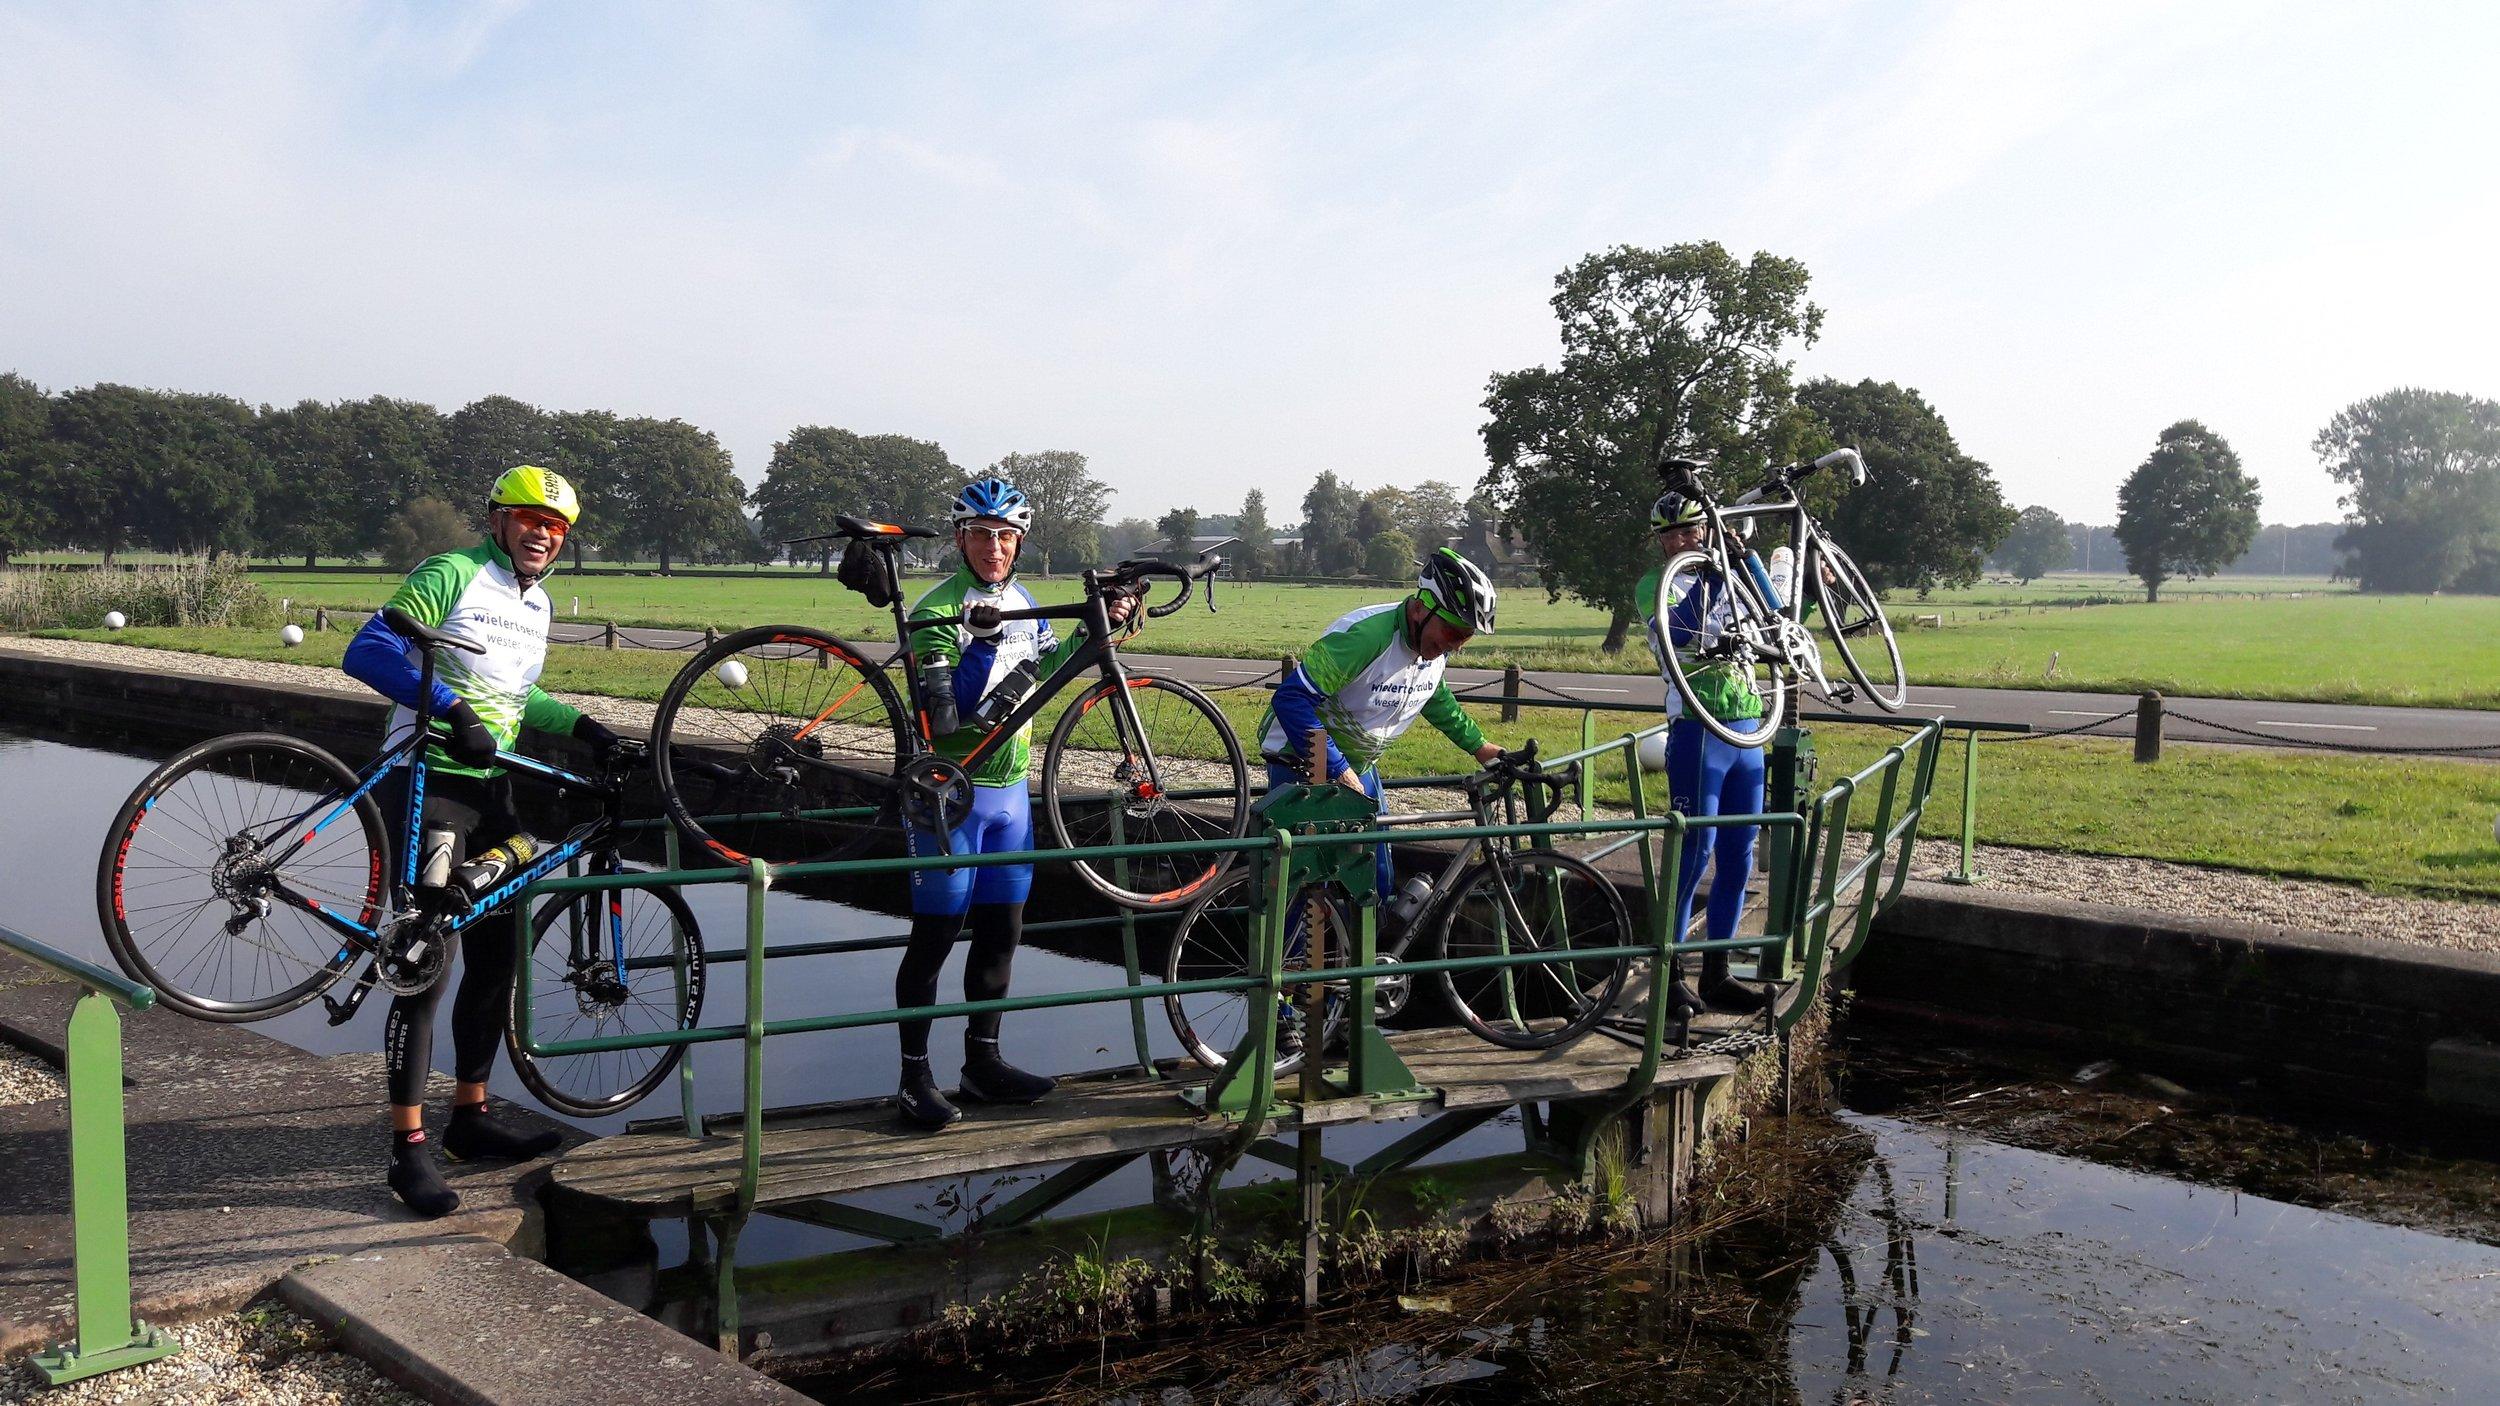 We rijden naar Heerde. Een bijzondere rit met een bijzonder bruggetje.